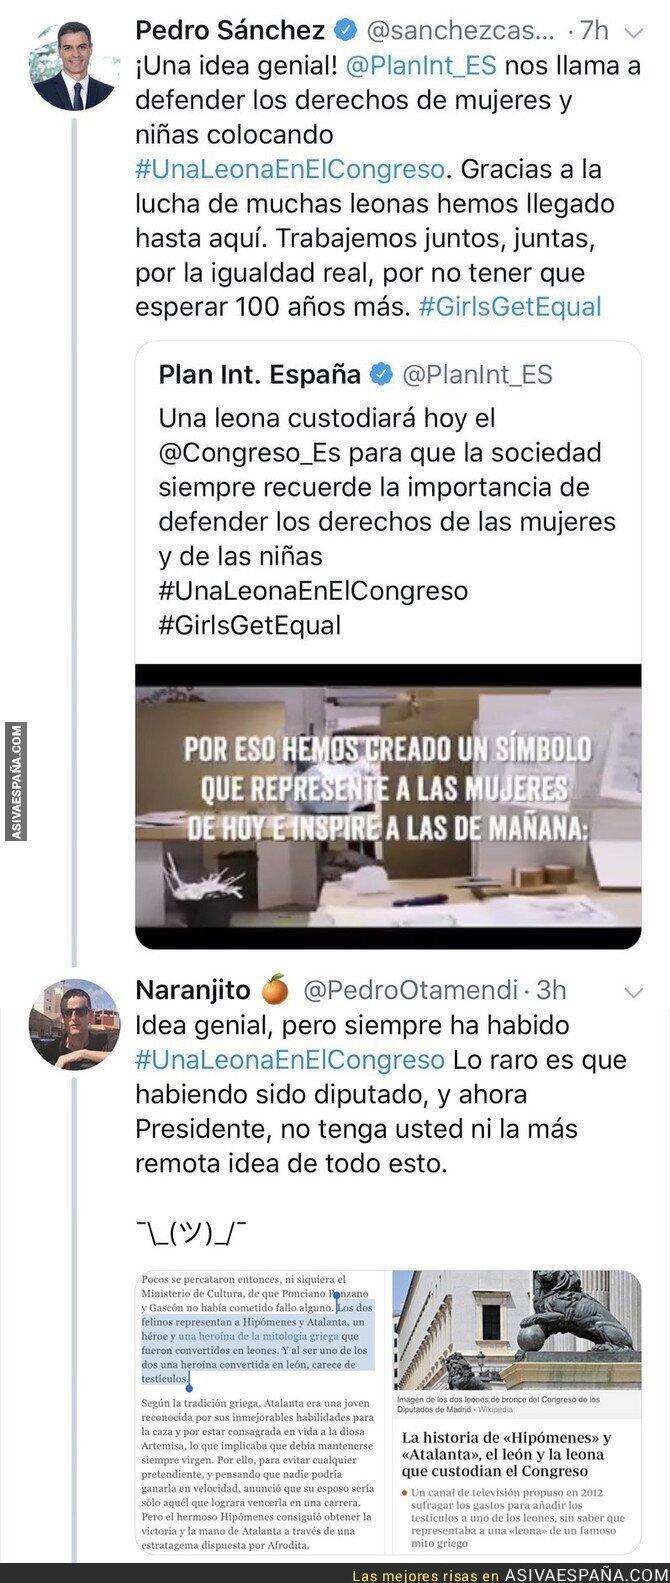 94733 - Tantos años en el Congreso y Pedro Sánchez aún ni se había enterado